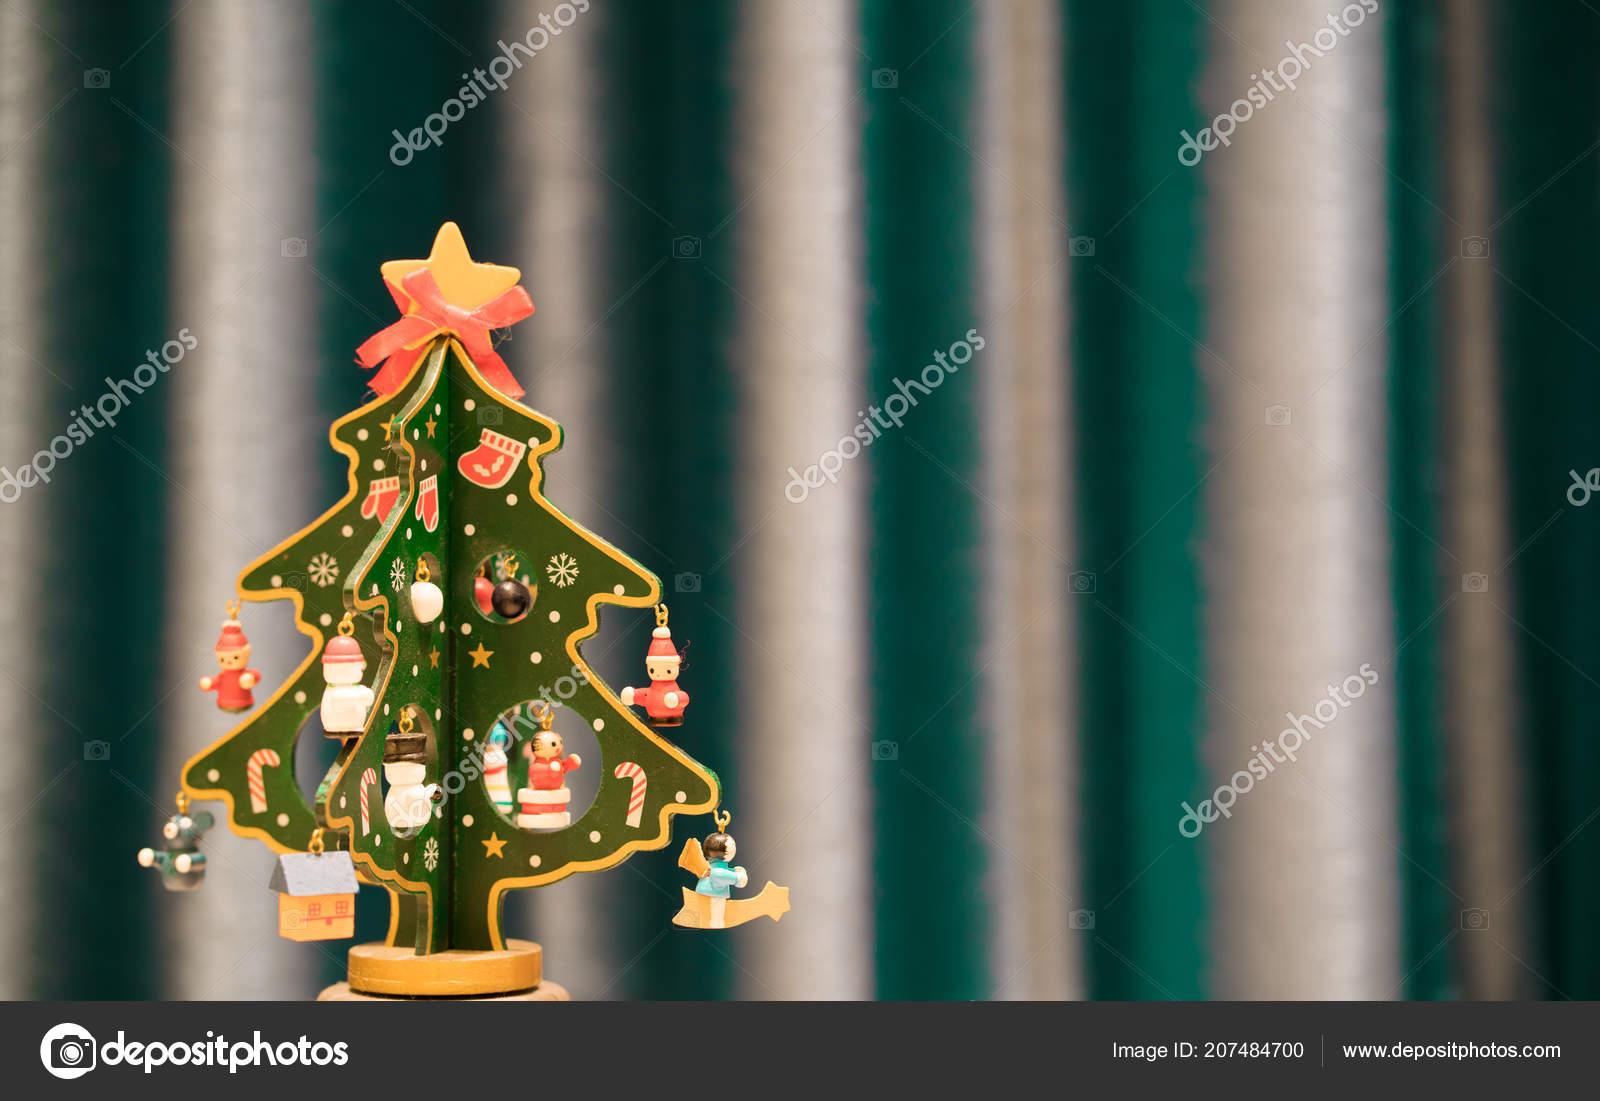 Arvore Natal Madeira Pintada Com Fundo Verde Espaco Copia Stock Photo C Keitma 207484700